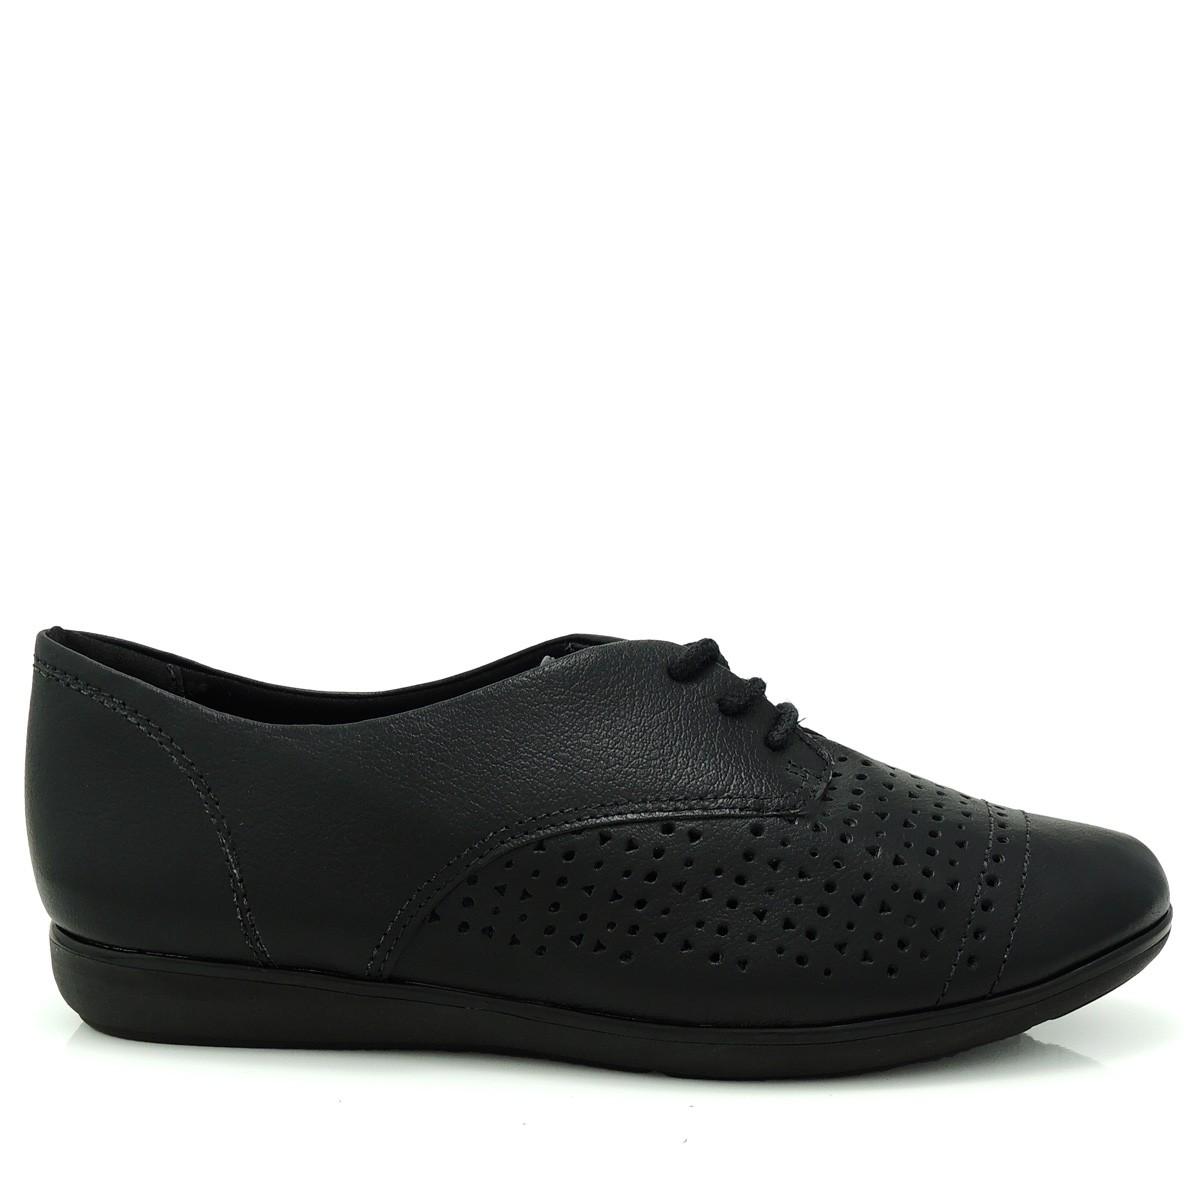 d79e6b4c1 Sapato Feminino Oxford ComfortFlex 1554302 Couro Coleção 2018